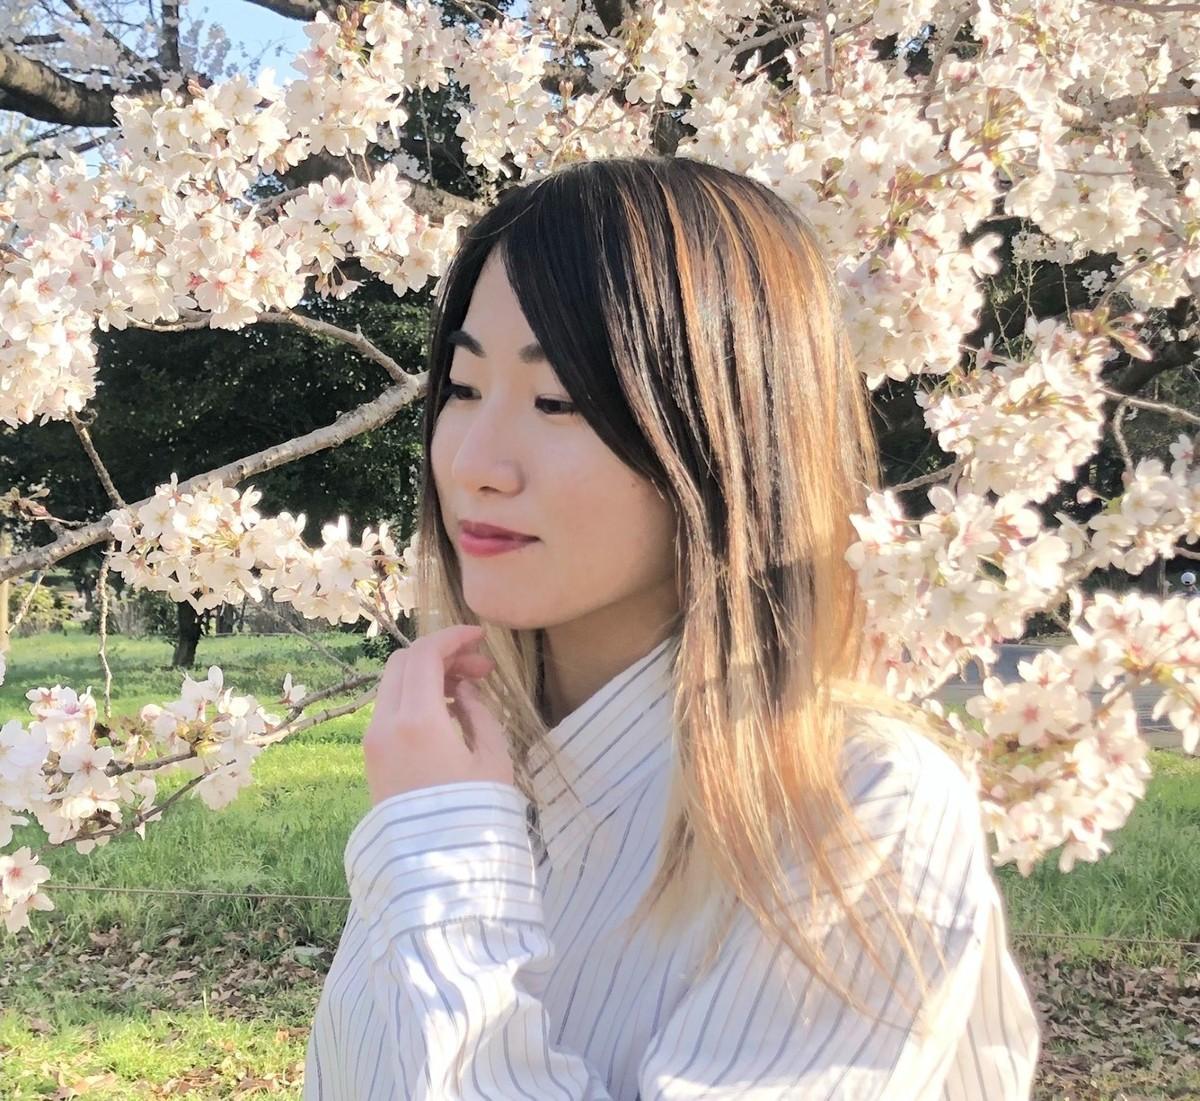 【注目の学生アーティスト】様々なジャンルの曲に挑戦中! Misakiの目標は「世界で活躍するヴォーカリストになること」